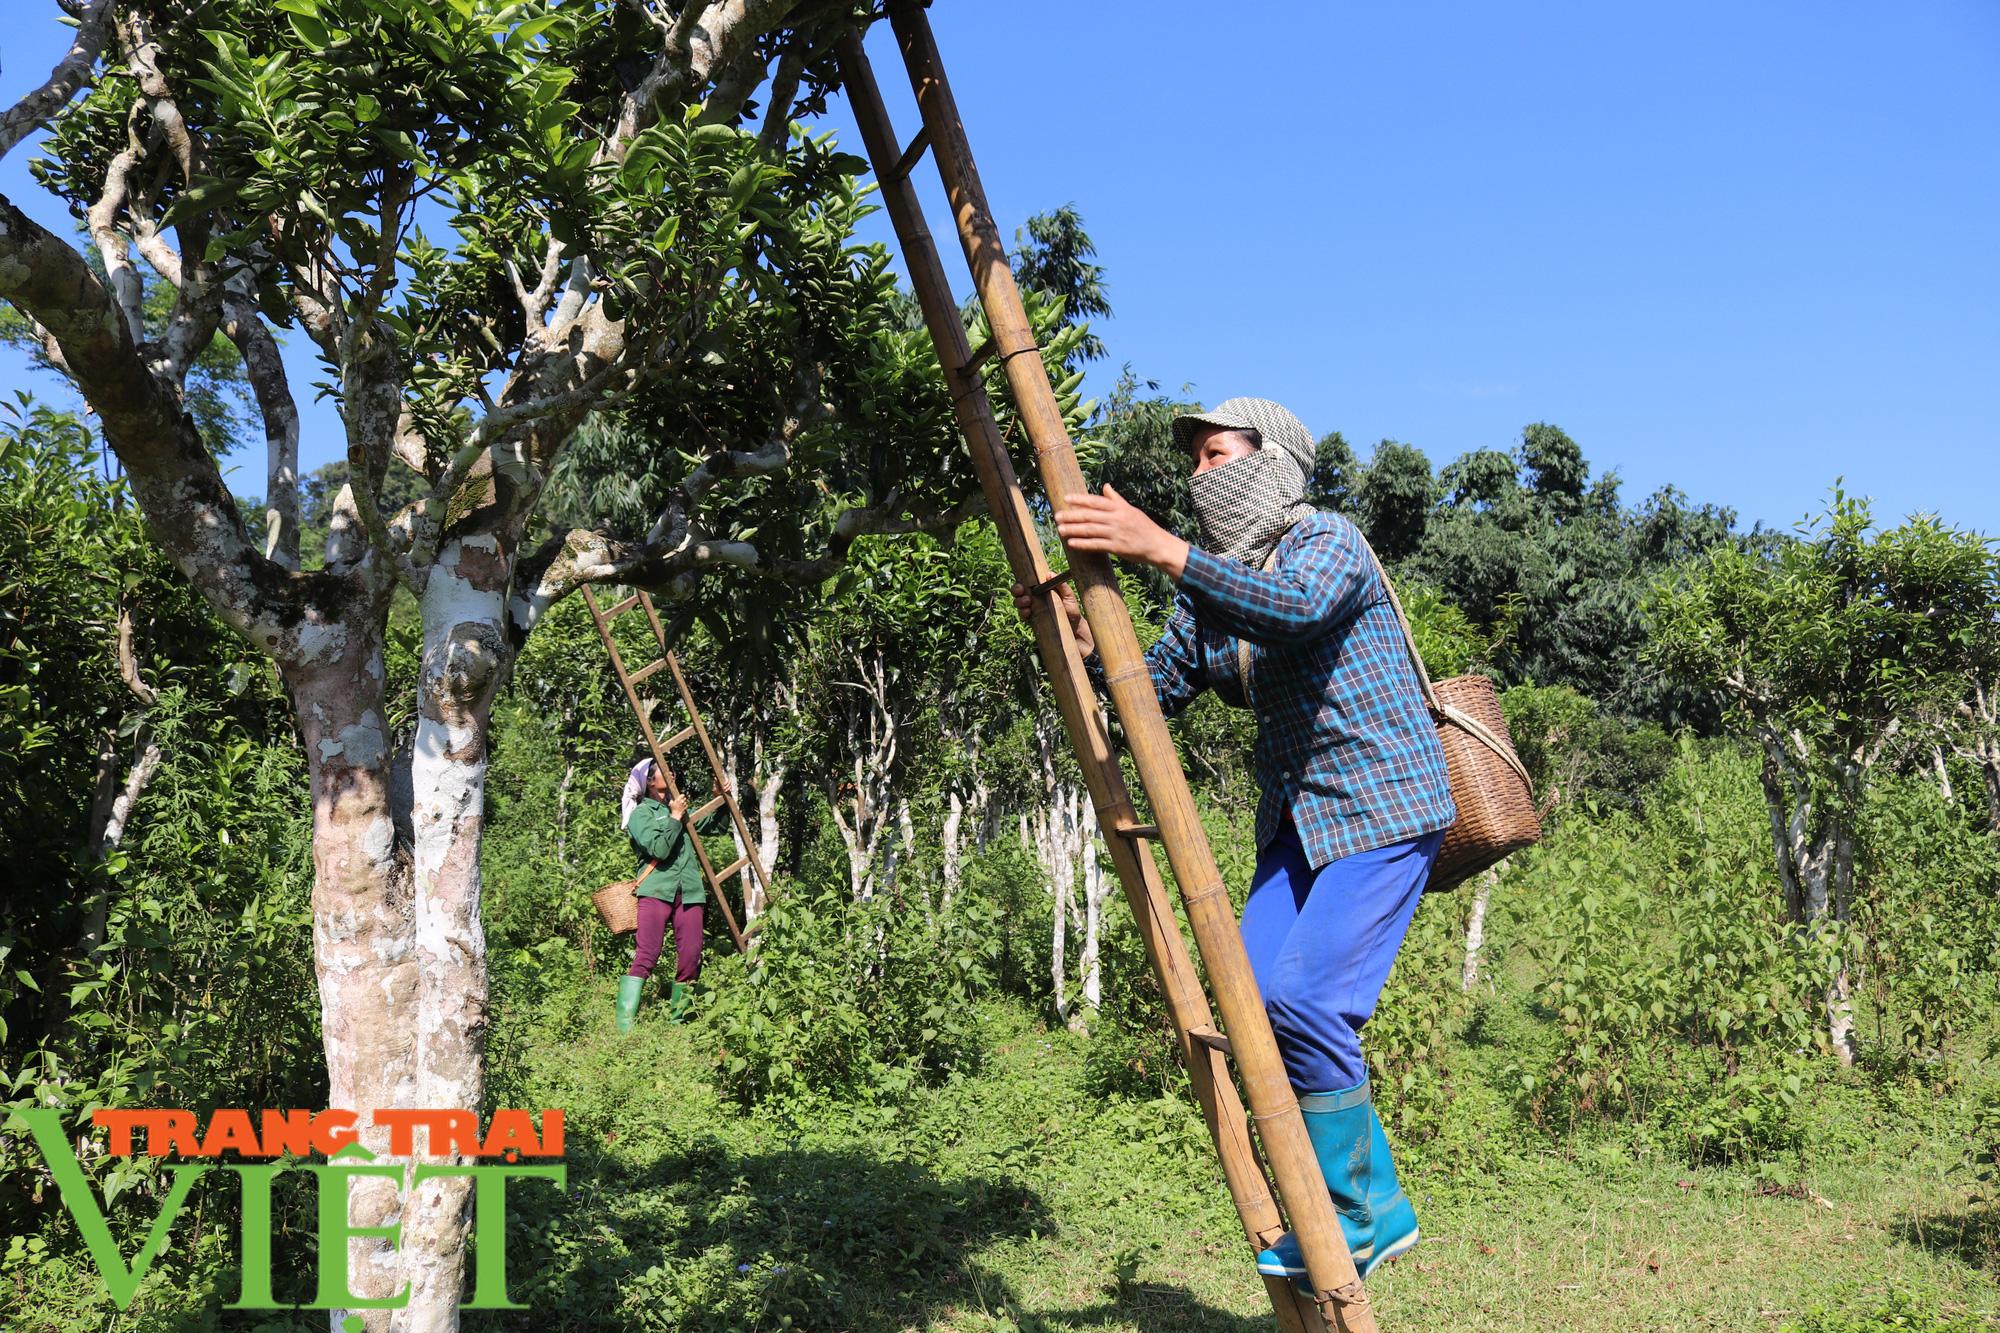 Cần xây dựng thương hiệu cho chè Shan tuyết Mường Do - Ảnh 4.